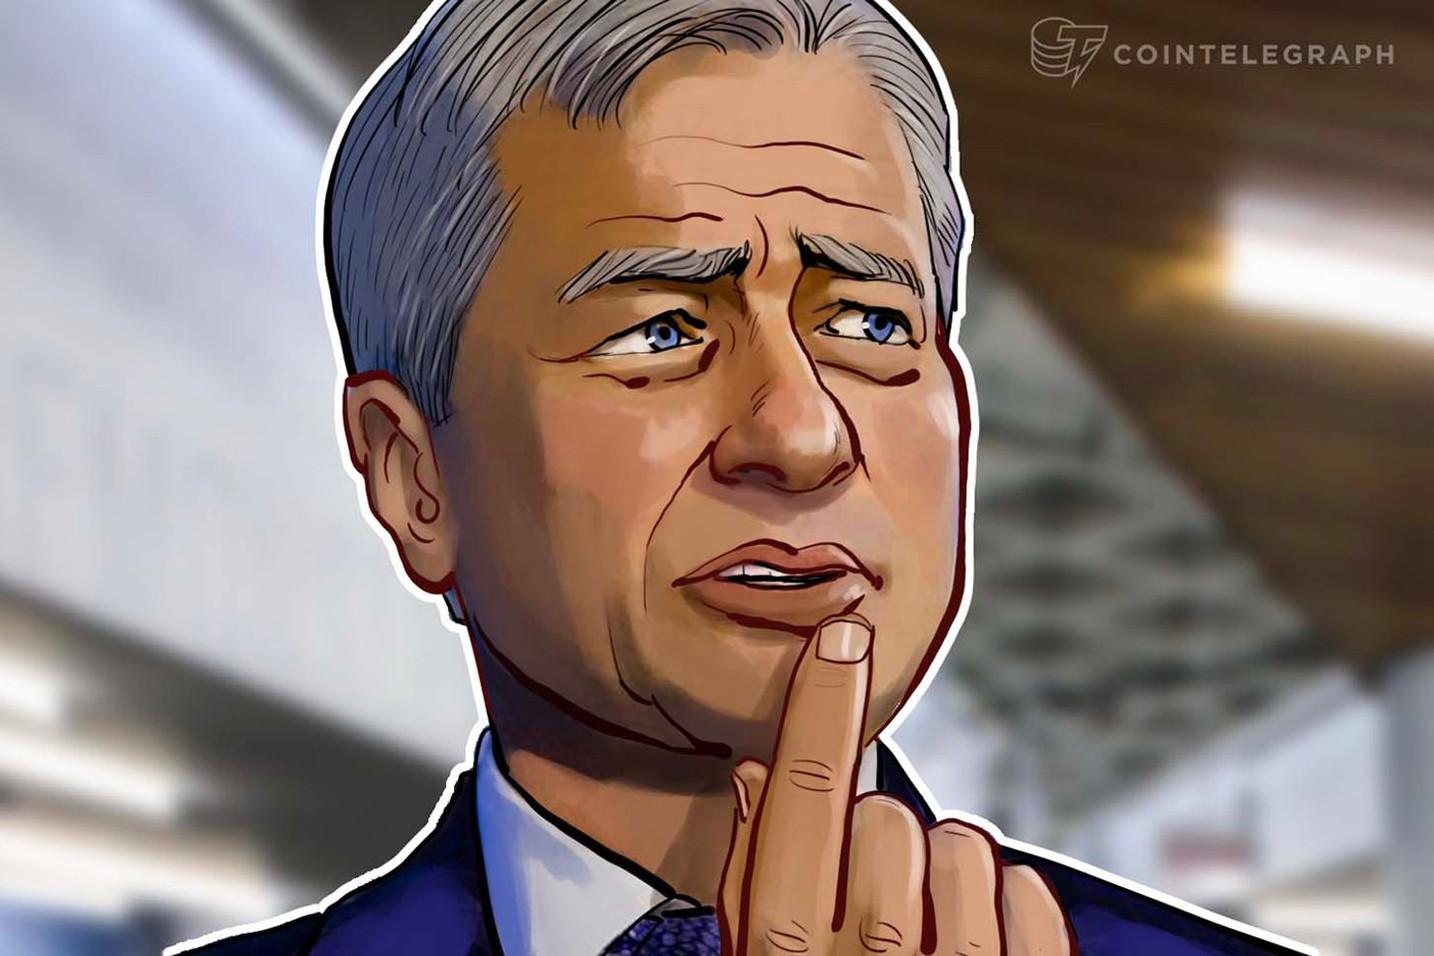 米大手銀行JPモルガン・チェースのブロックチェーン「クオーラム」で「金の延べ棒」をトークン化【アラート】